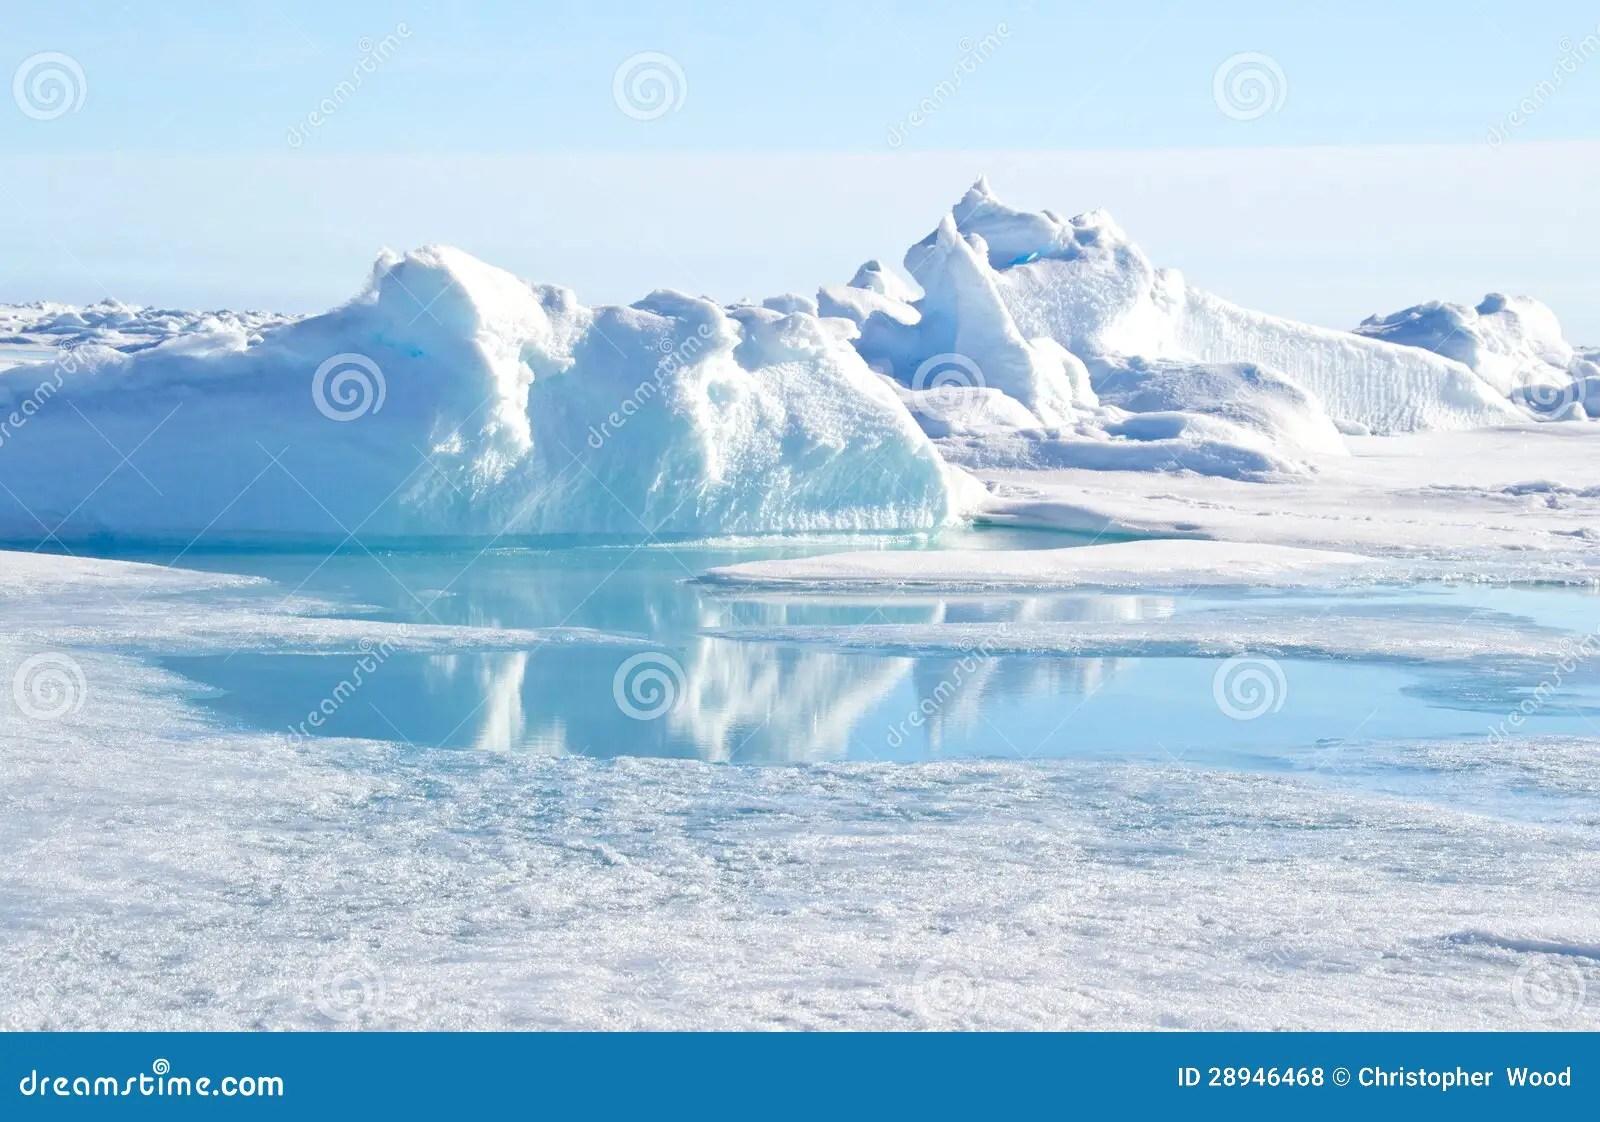 Polo nord geografico fotografia stock Immagine di nave